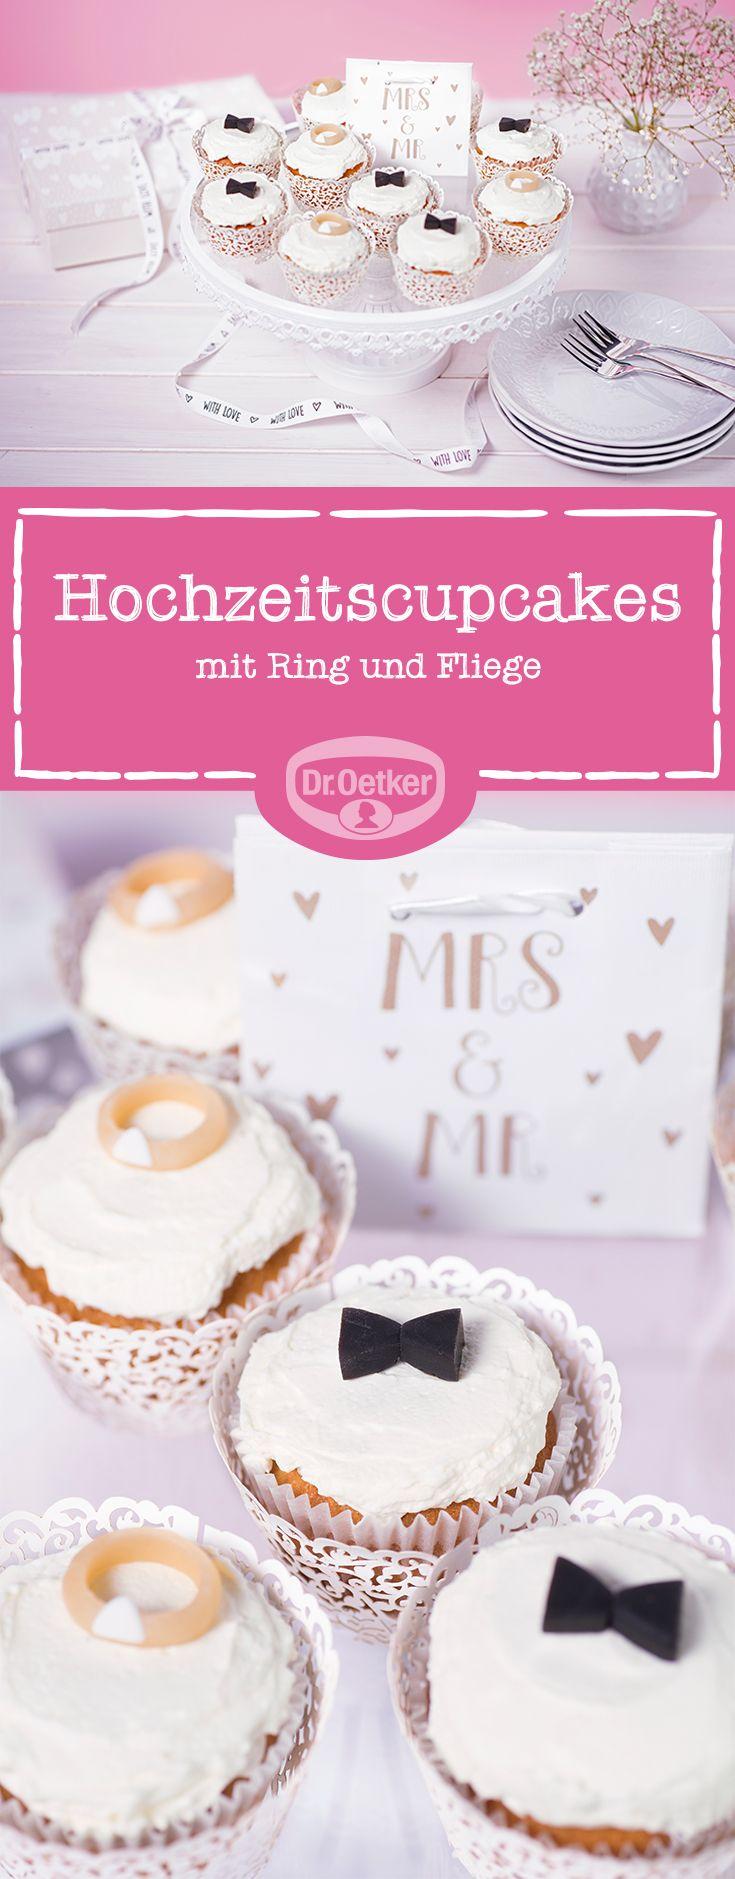 Einen Cupcake für Sie, einen Cupcake für Ihn - dieses Duo macht jedes Brautpaar glücklich.